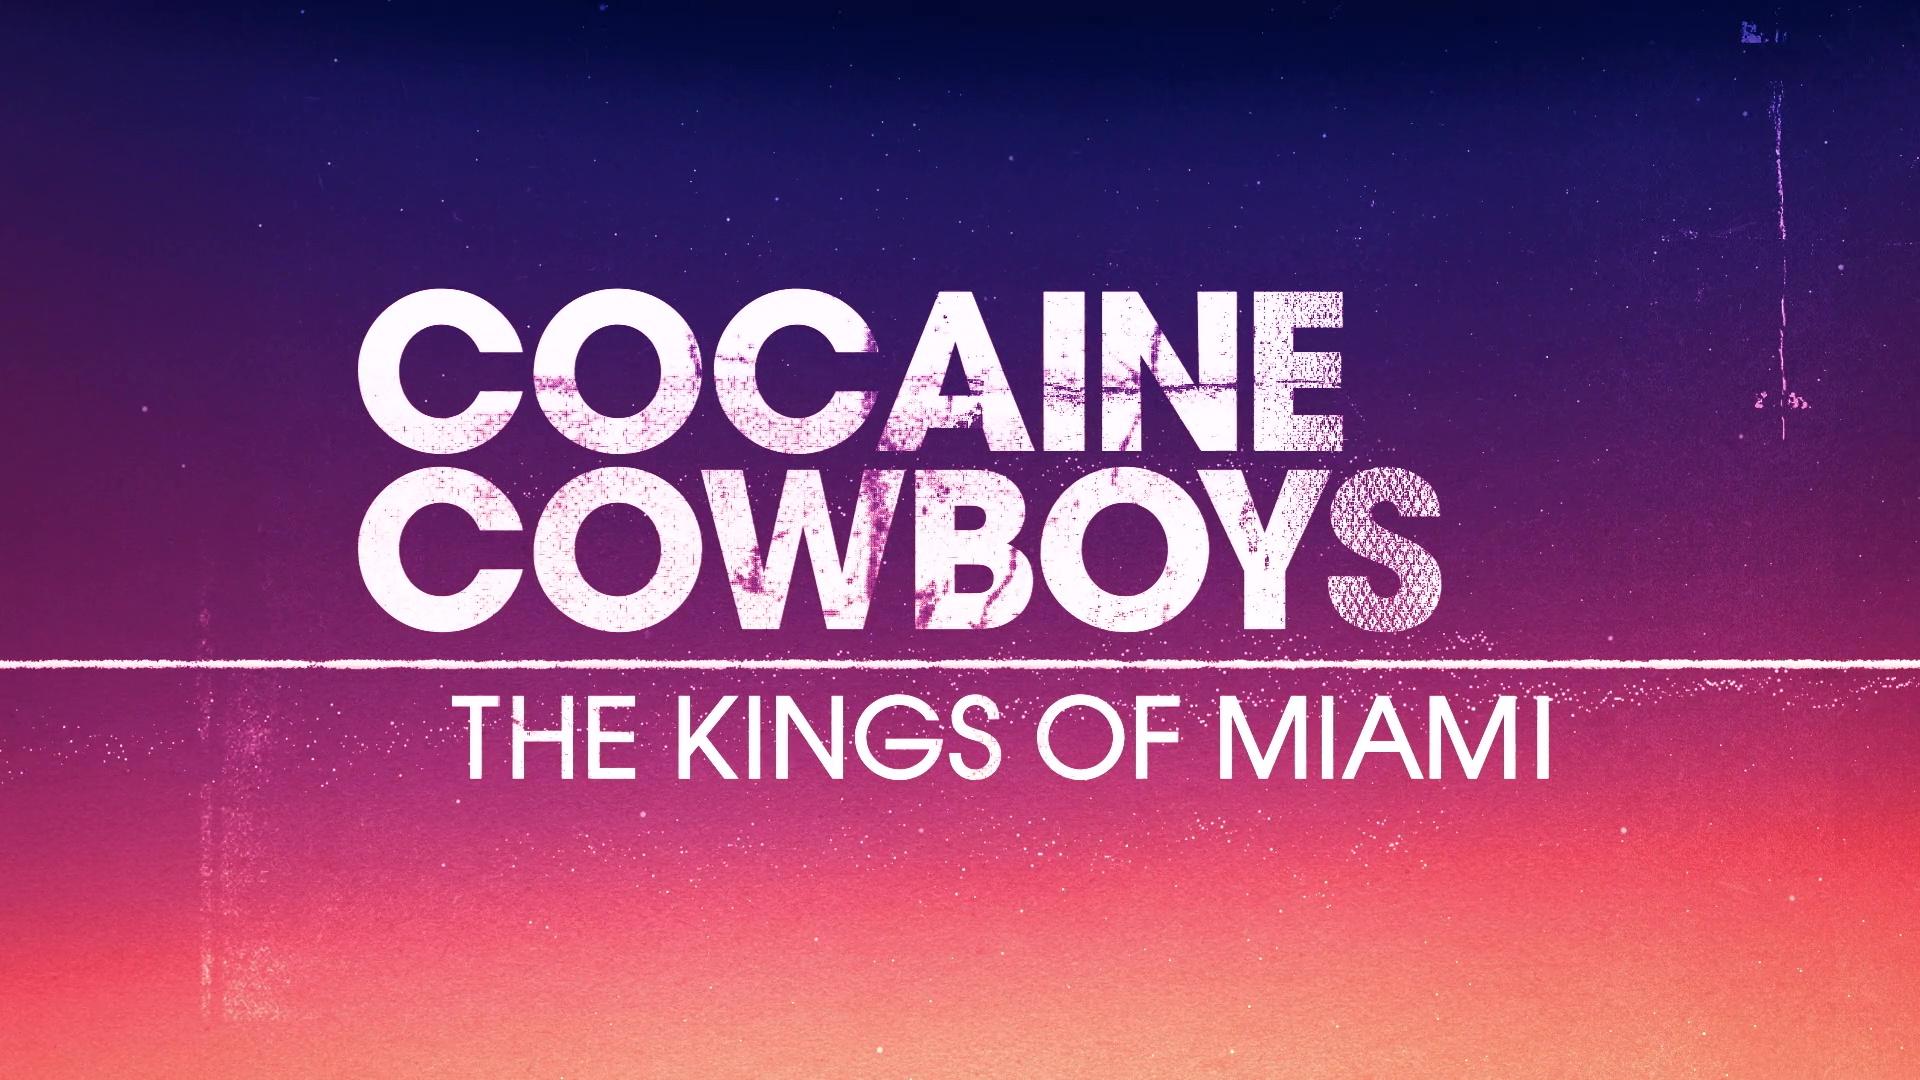 Cocaine Cowboys: Los reyes de Miami (2021) Temporada 1 1080p WEB-DL Latino